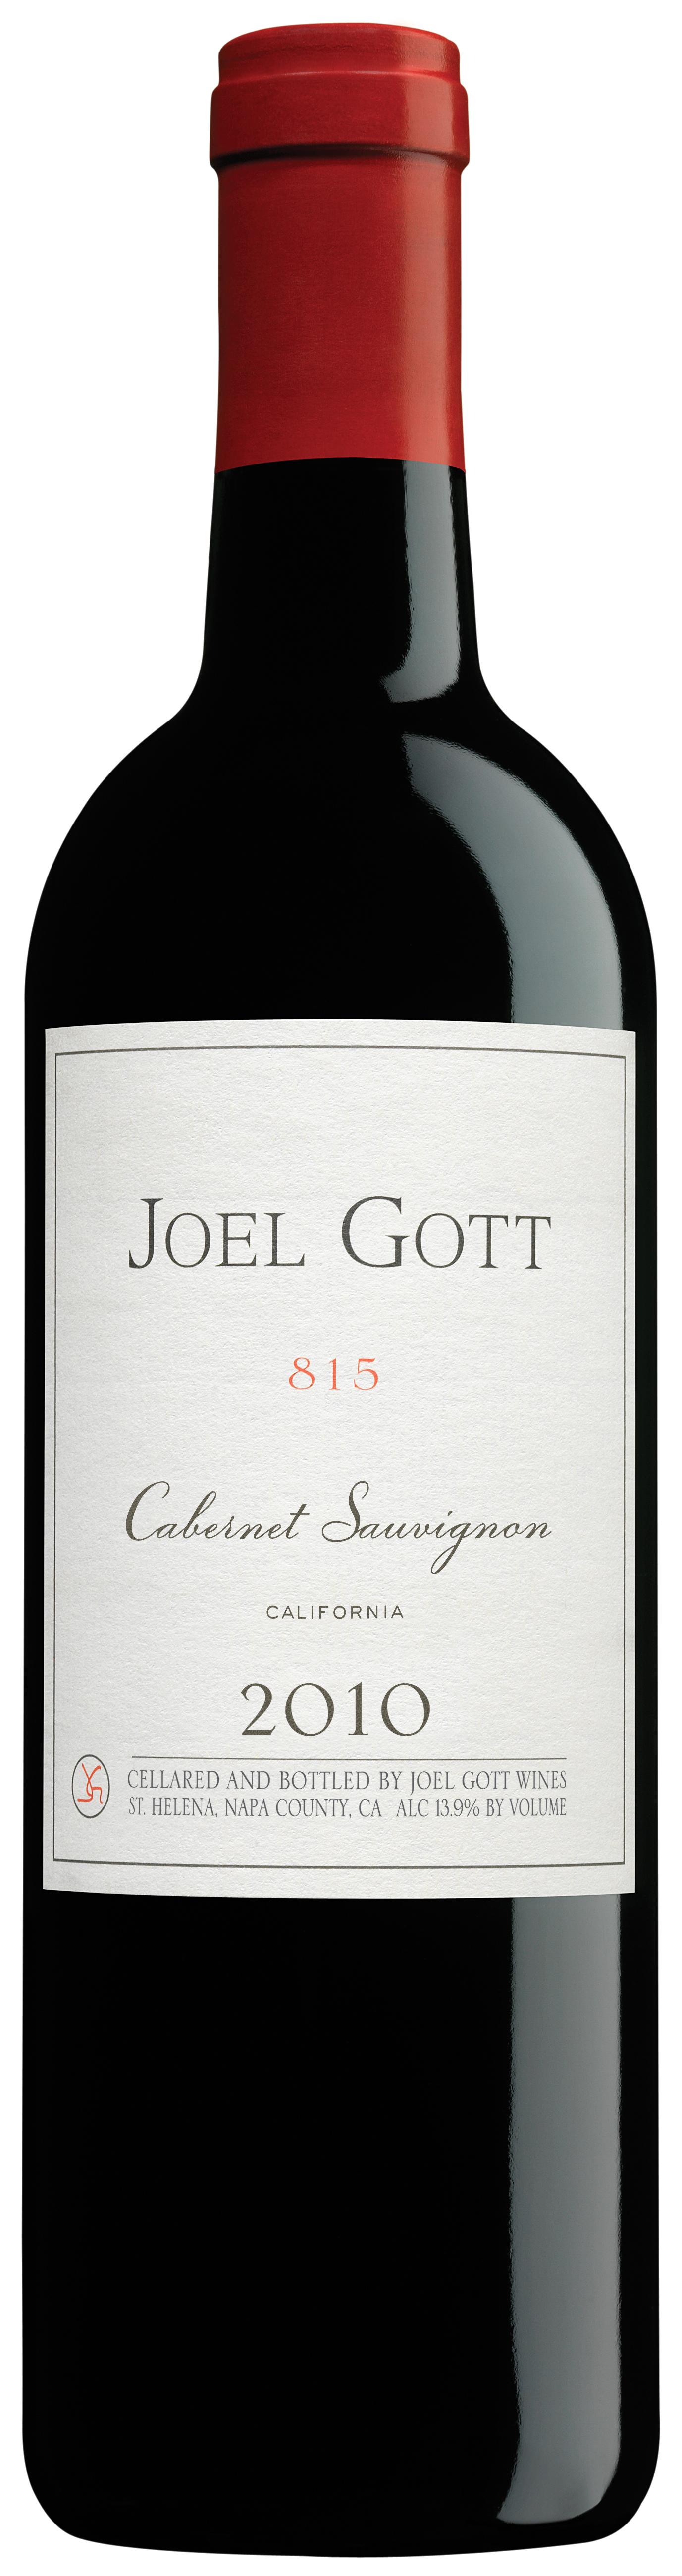 Joel-Gott-2010-815-Cabernet-Sauvignon-HI-Res-Bottle-Shot